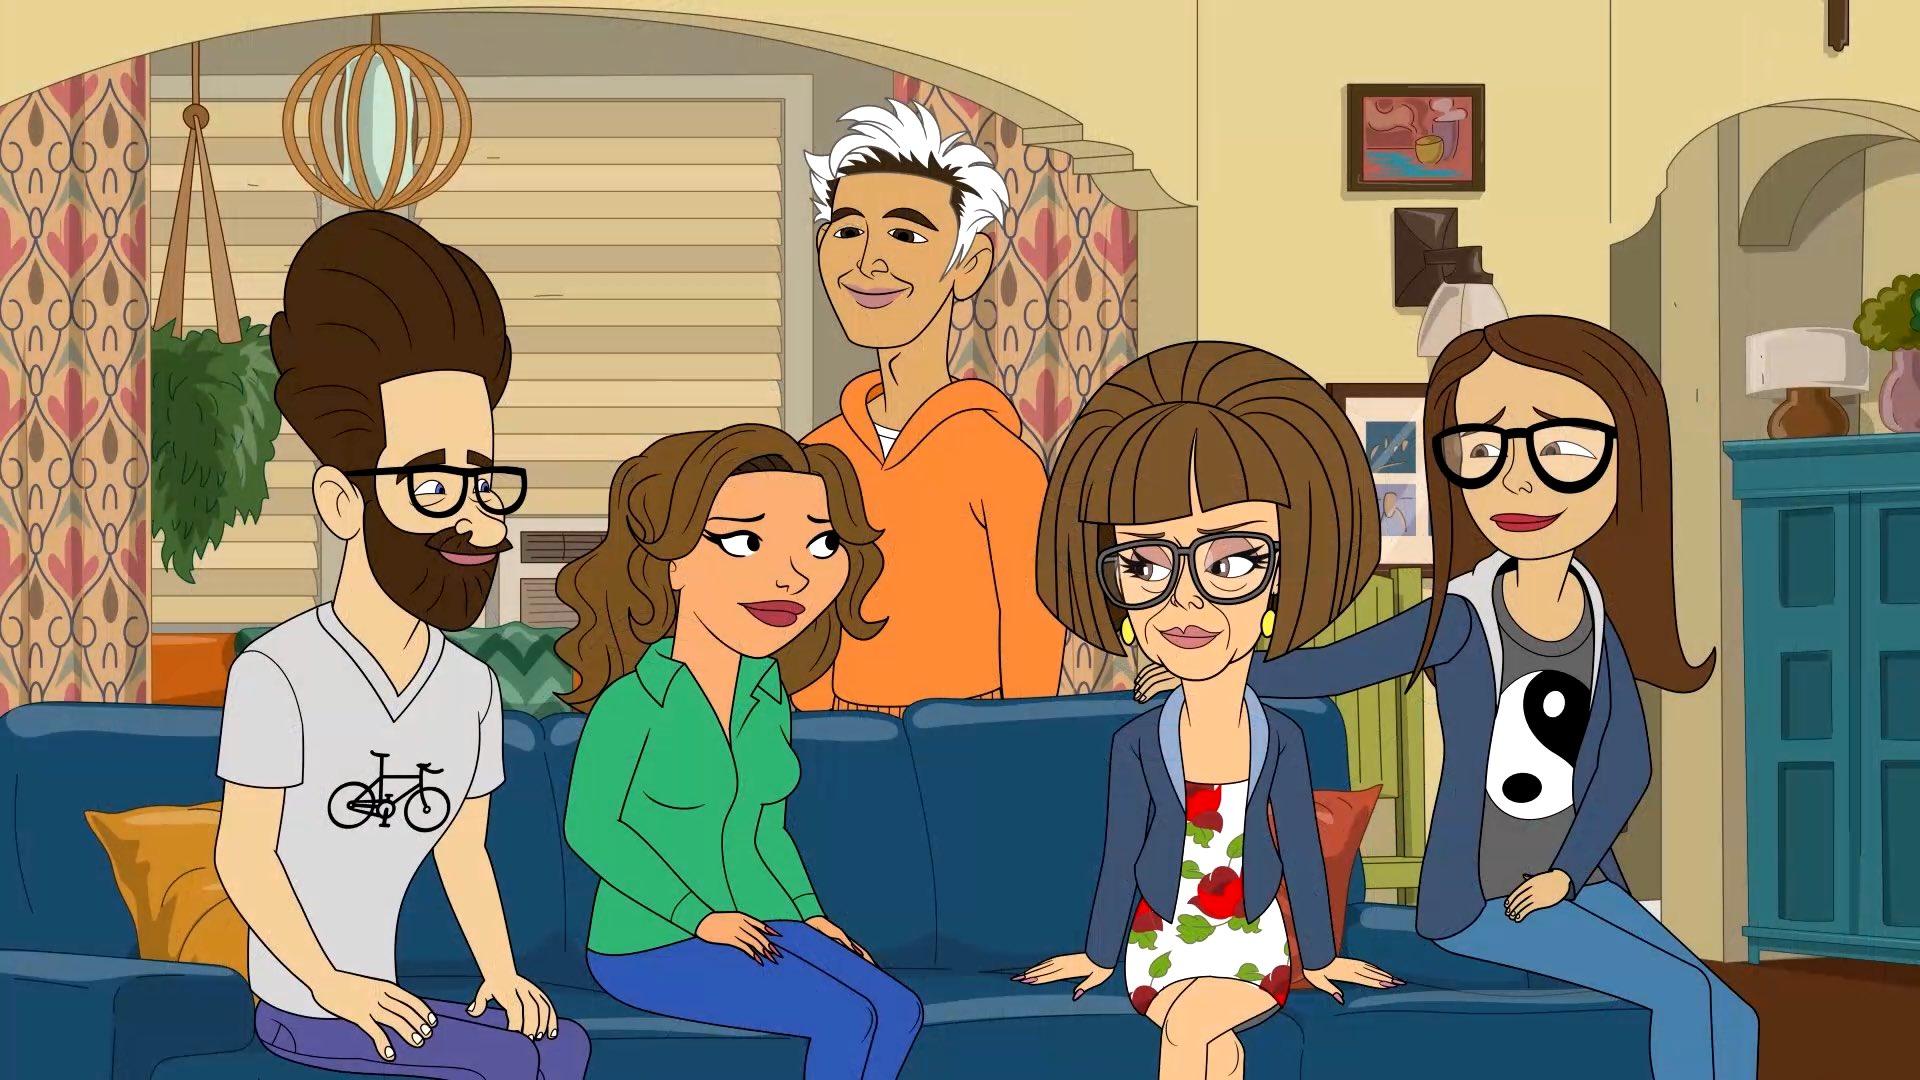 Cena de One Day At a Time. Nela os personagens são representados em forma de desenho animado. Ao lado esquerdo vemos Schneider com uma blusa branca e calça azul. À direita vemos Penélope com camisa verde e calça azul. À direita vemos Lydia com vestido branco e flores vermelhas e jaqueta azul. À direita vemos Elena com blusa cinza, jaqueta e calça azuis. Todos estão sentados num sofá azul. Em pé na parte central vemos Alex. Ele veste moletom laranja. O fundo do desenho representa a sala da família